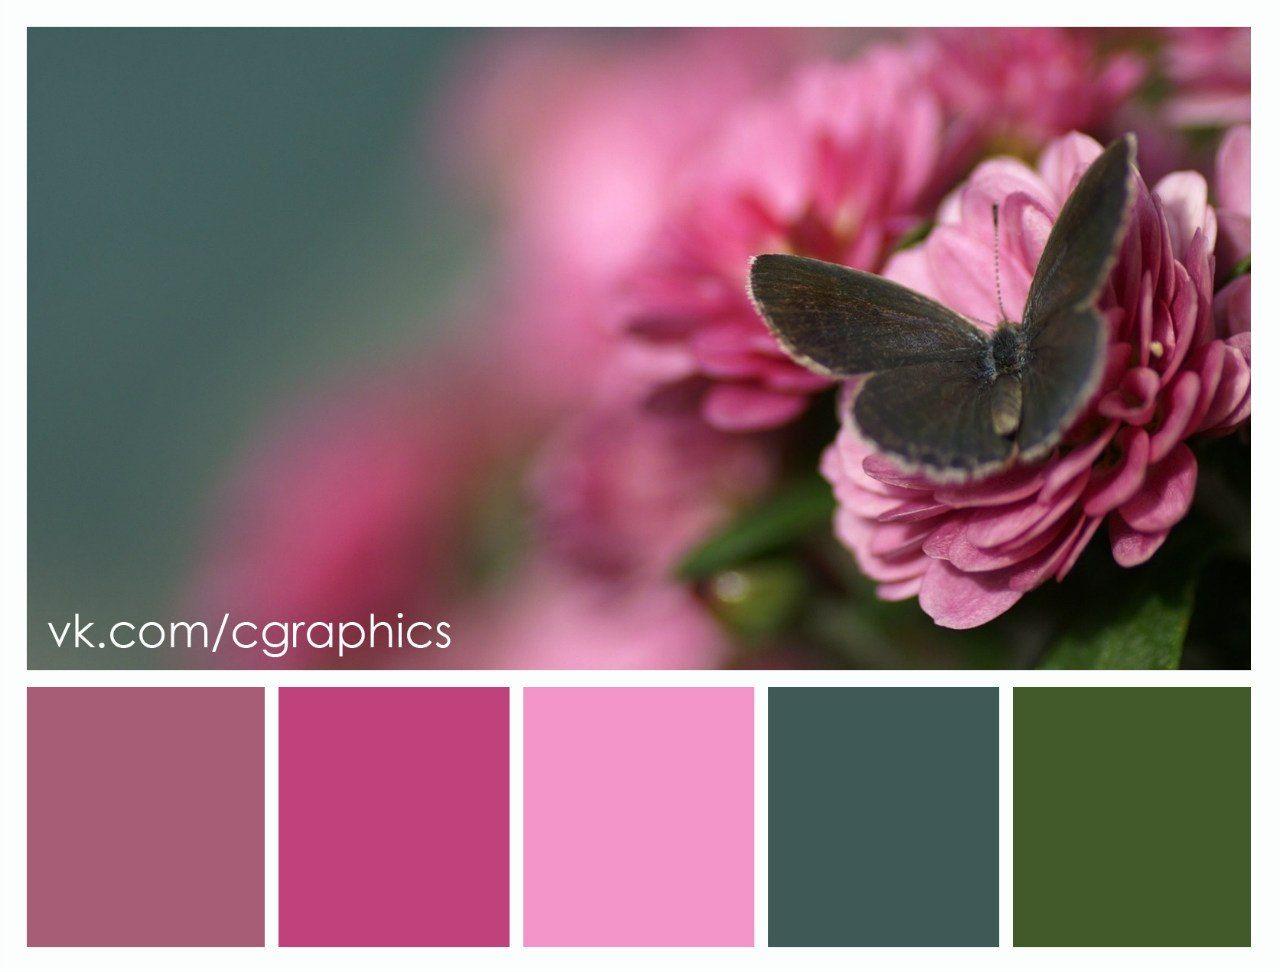 httpsppvkmec629412v6294126461a160OjxuYxmjLgjpg my love color scheme